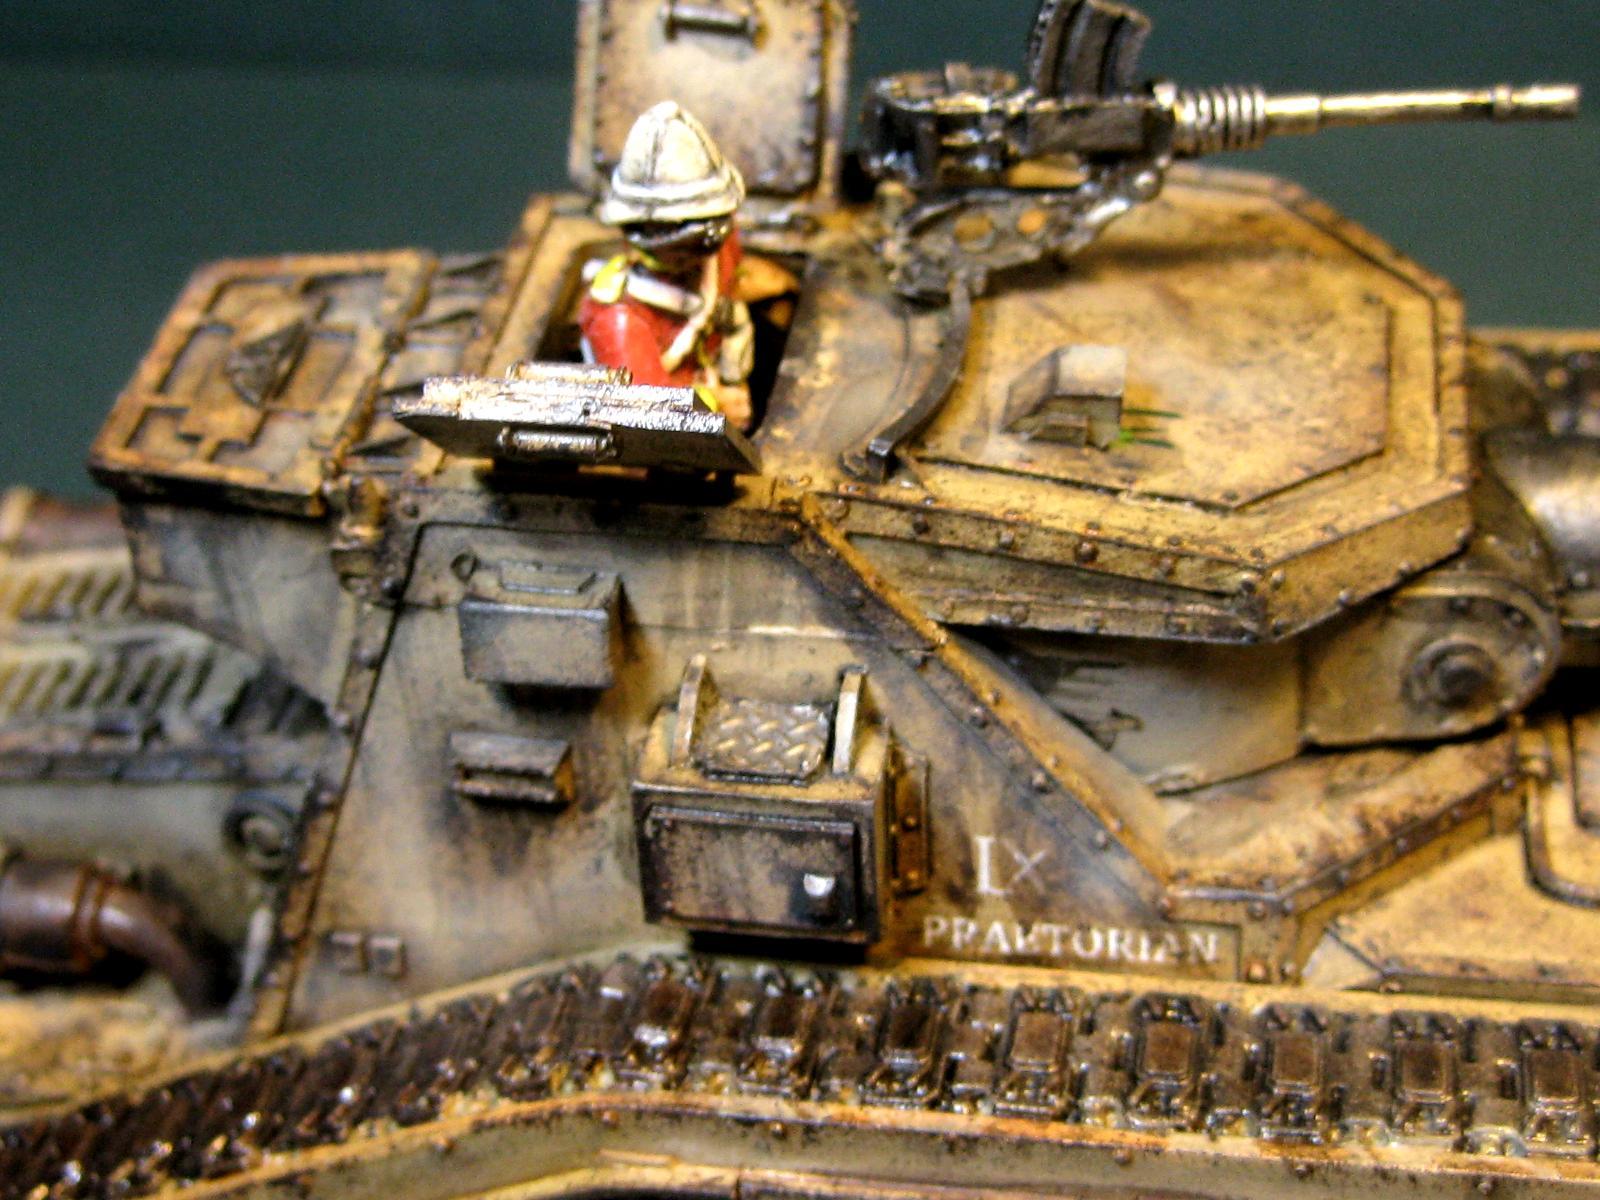 Guard, Imperial, Malcador, Praetorians, Tank